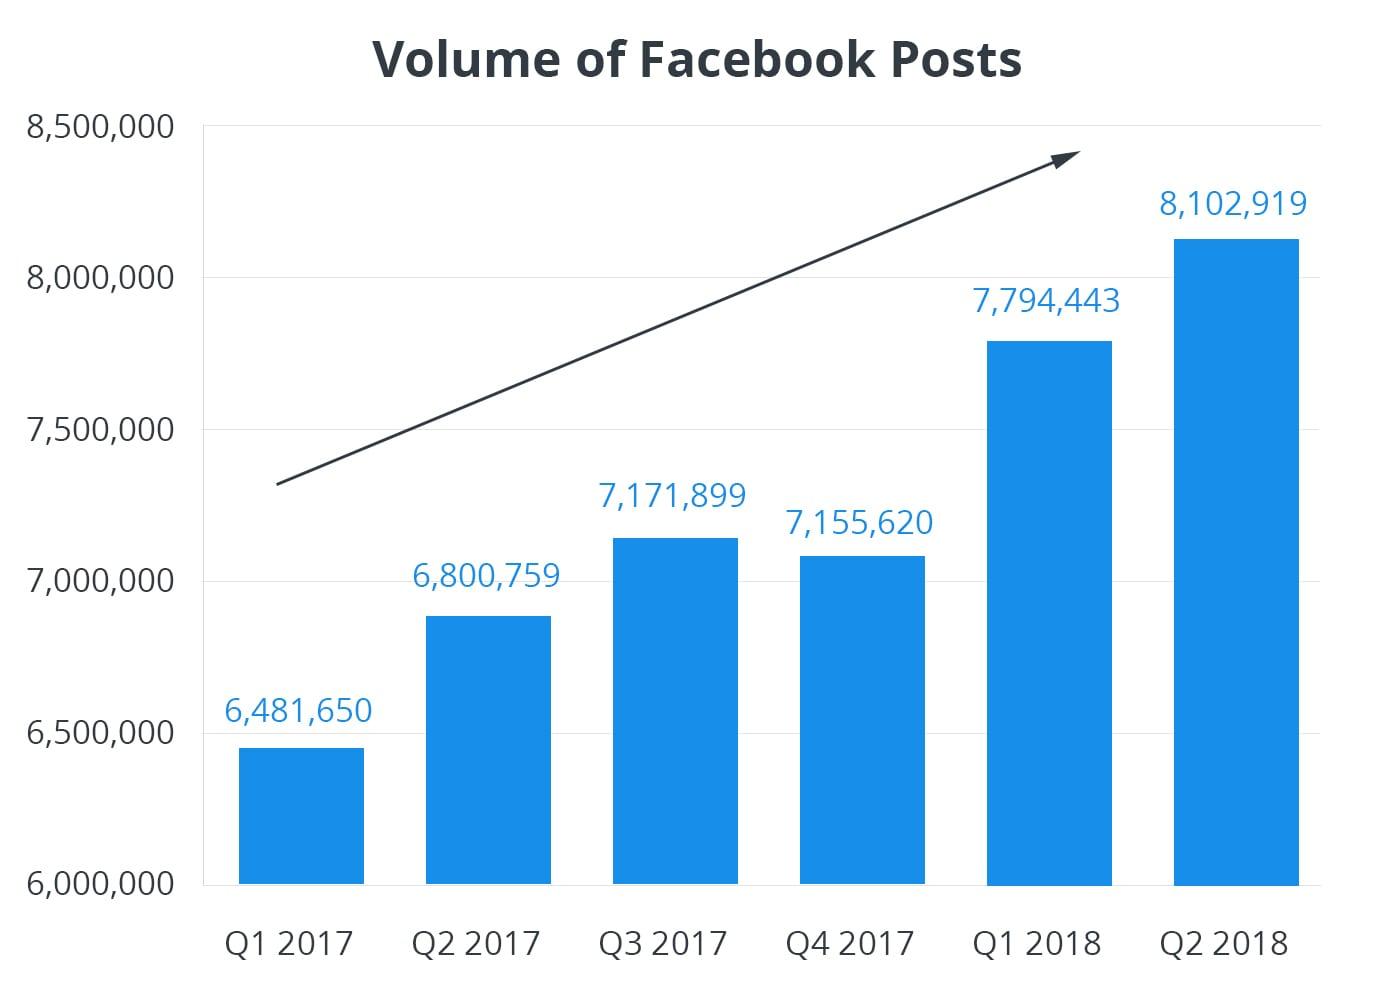 Рост публикаций на Фейсбук - часть стратегии контент маркетинга